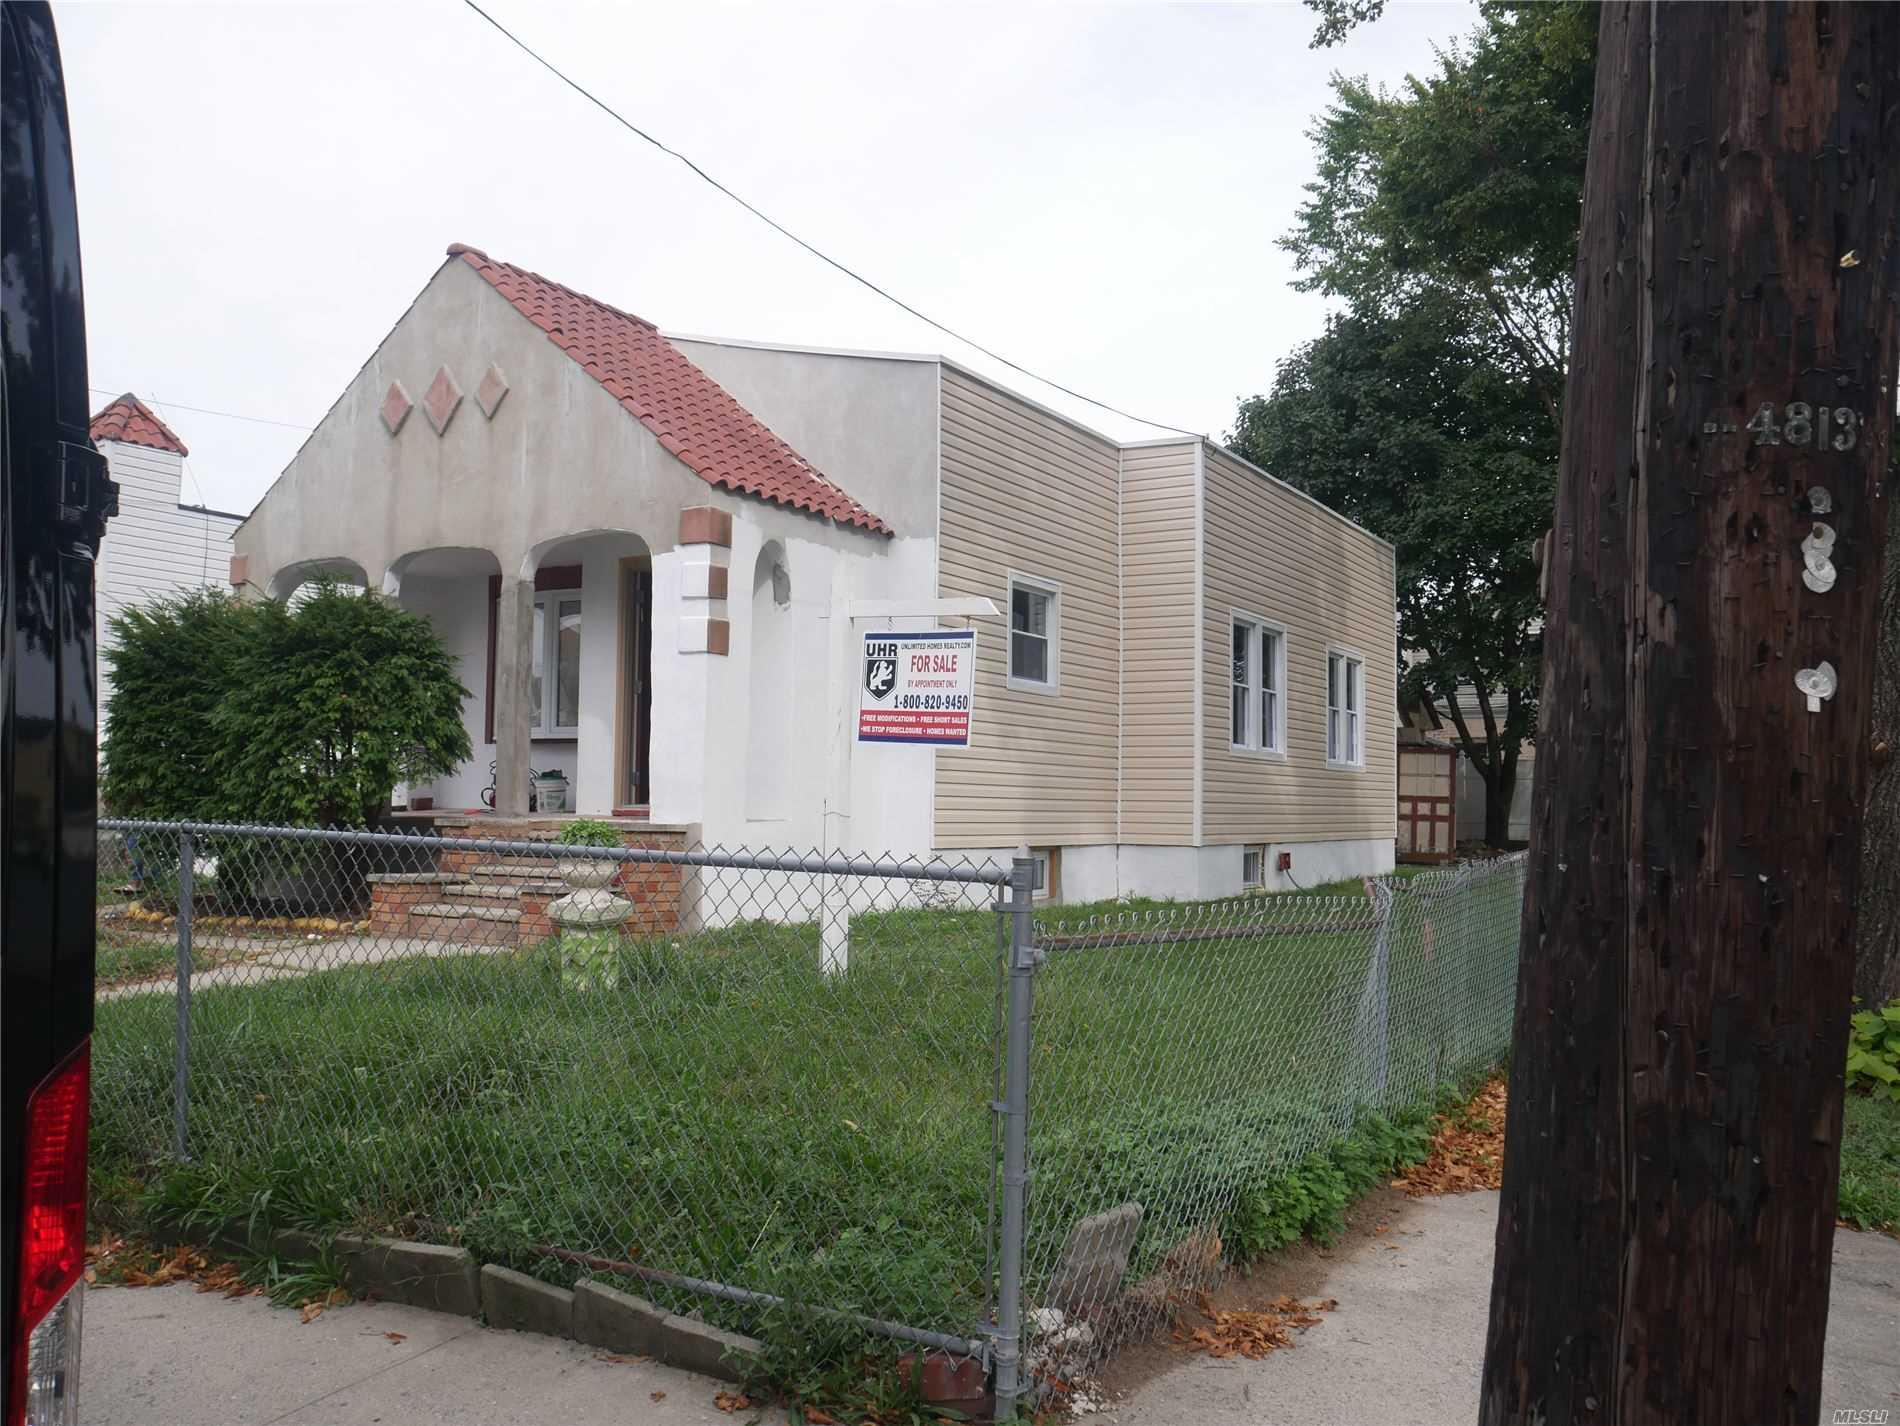 131-79 231st St - Laurelton, New York